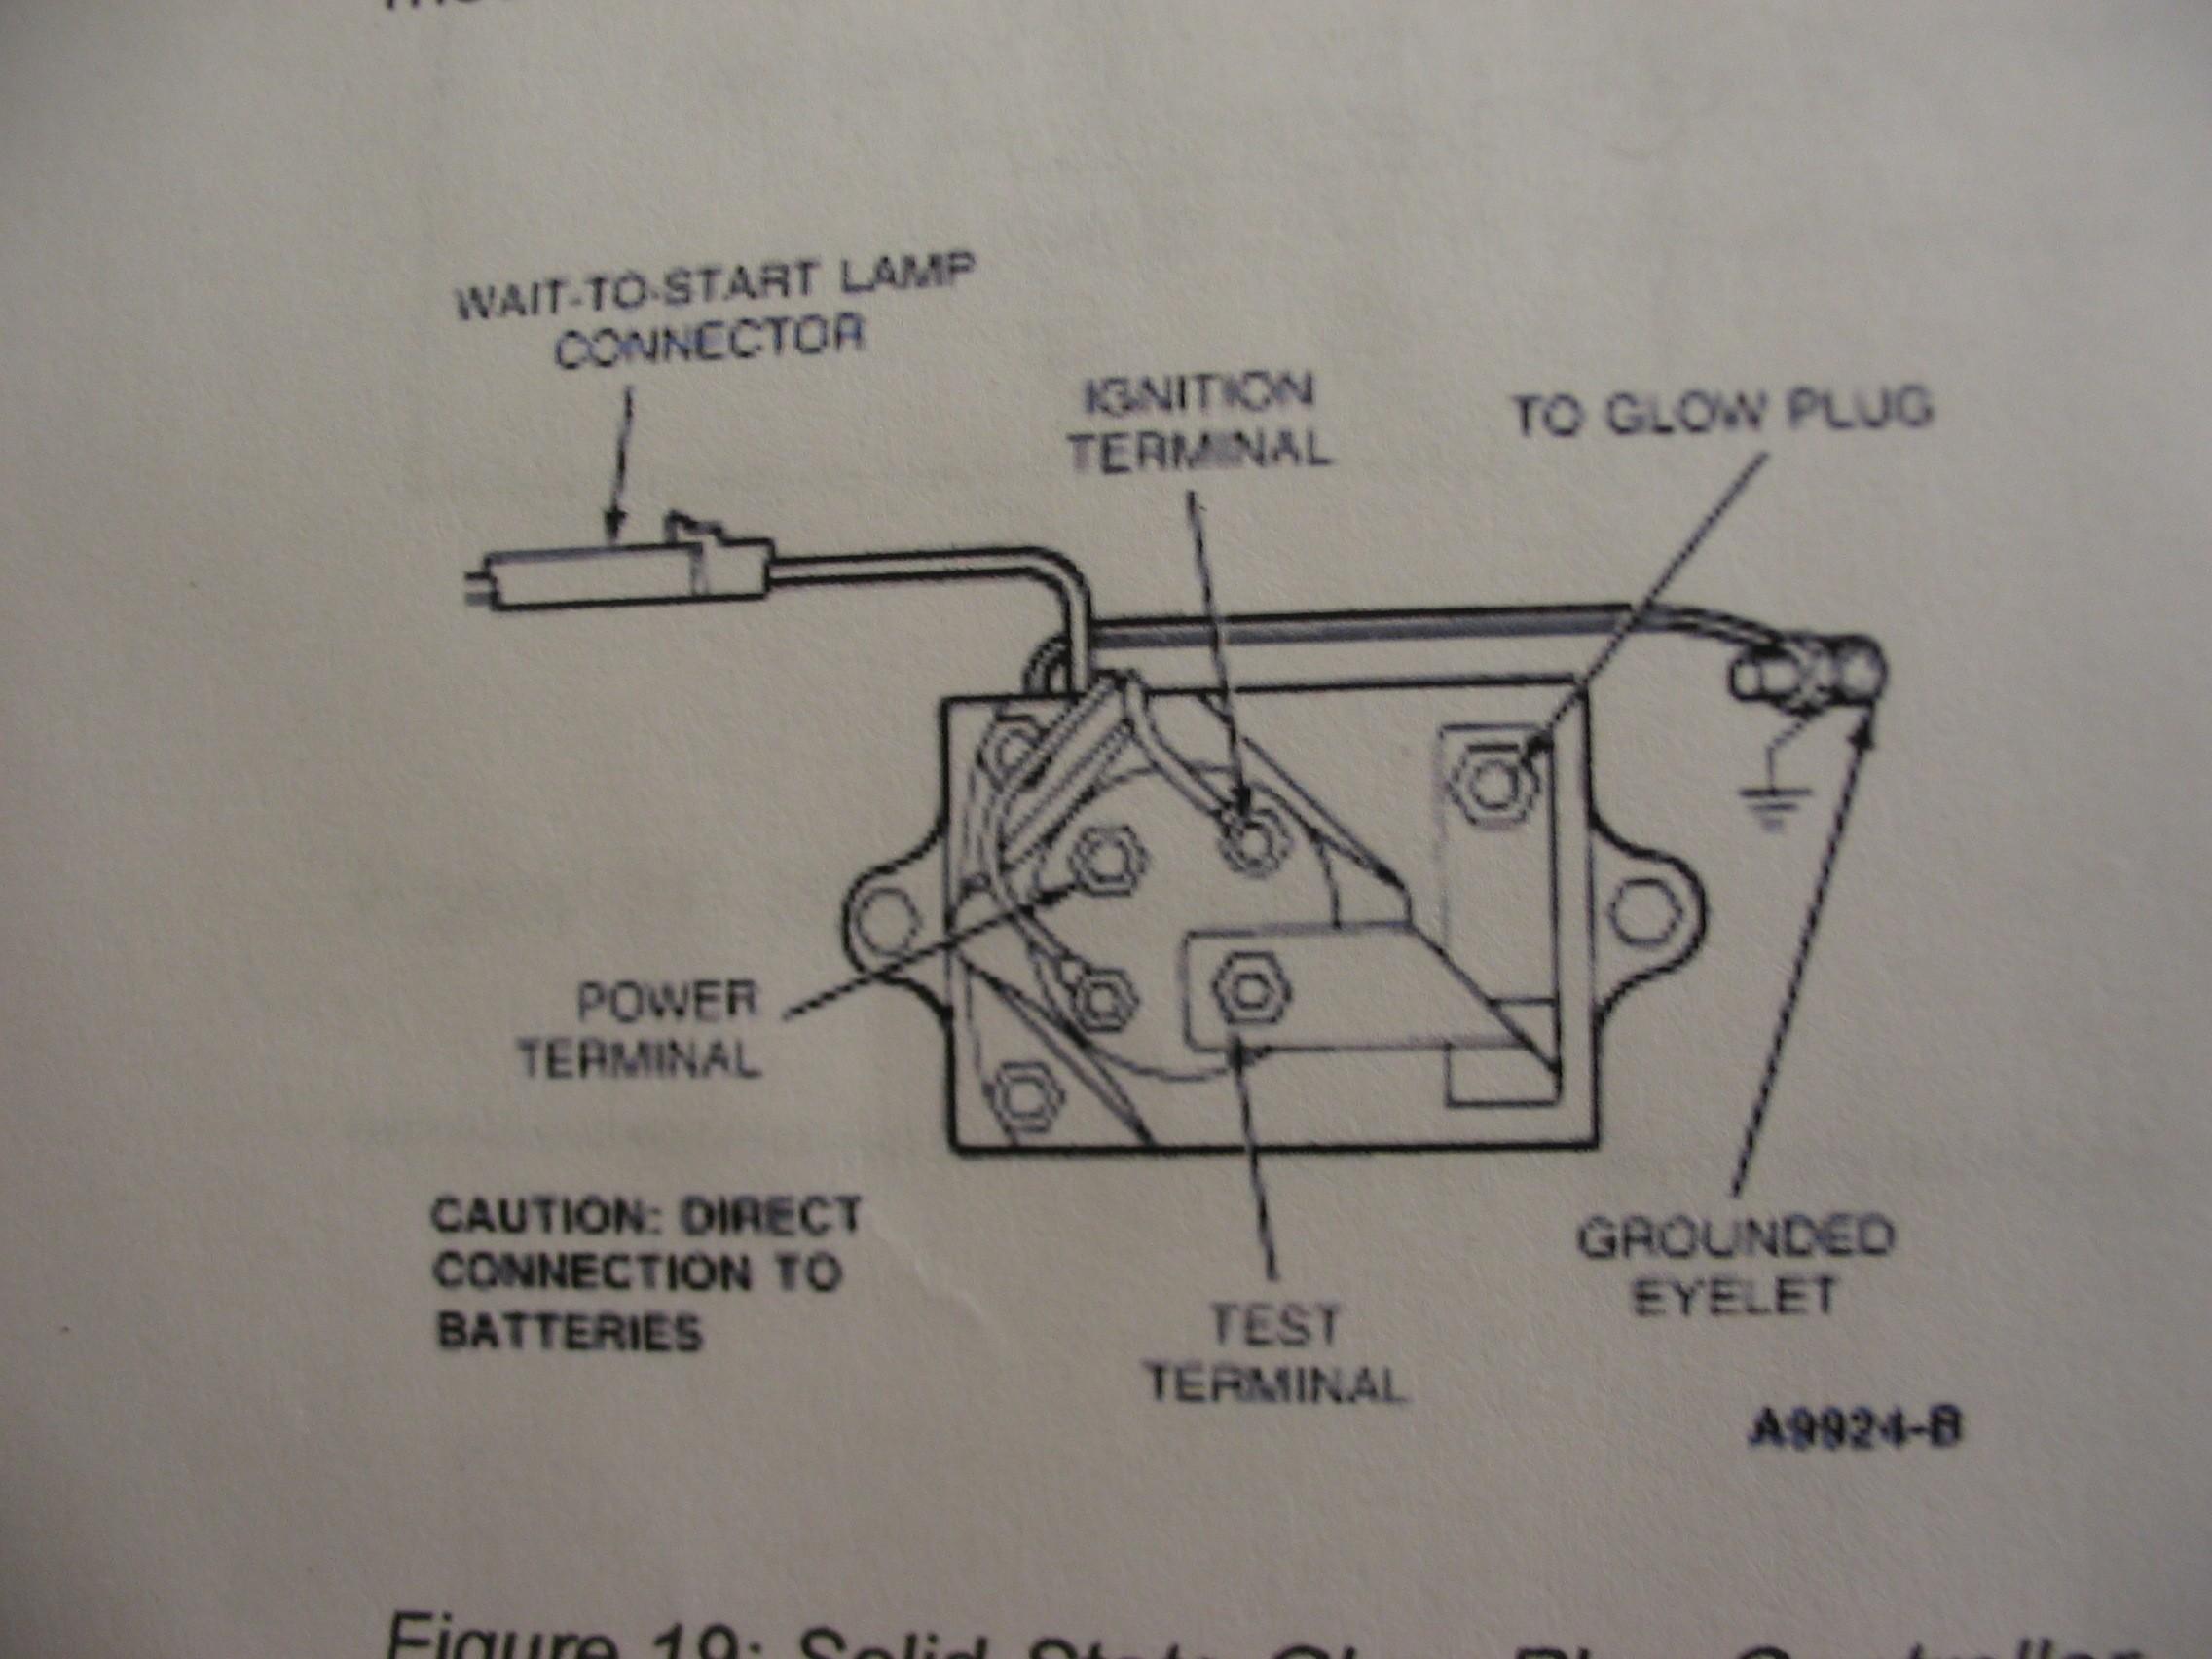 7.3 Glow Plug Relay Diagram Hy 2699] Glow Plug Relay Wiring Schematic Of 7.3 Glow Plug Relay Diagram